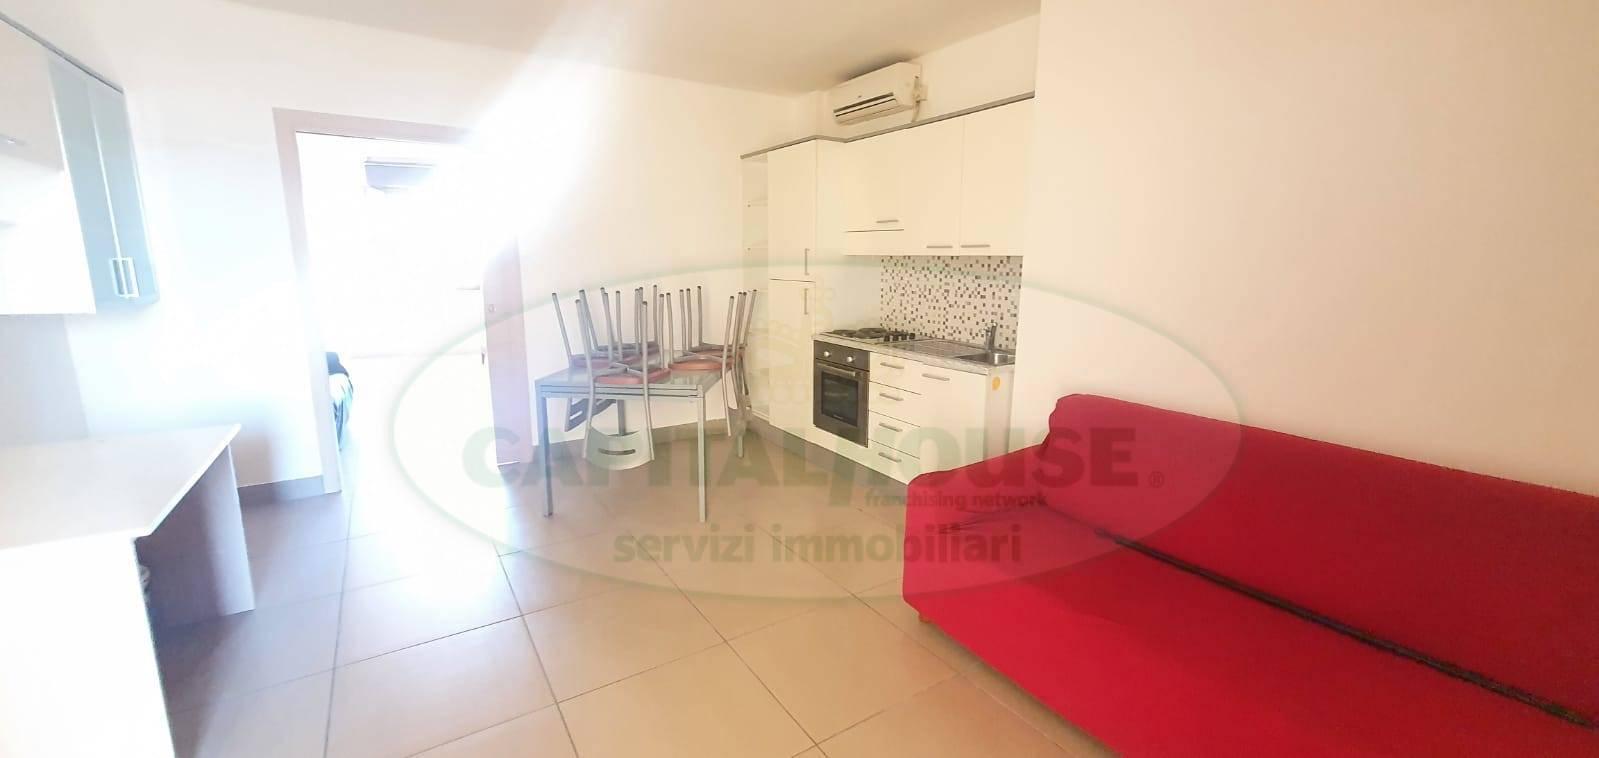 Appartamento in affitto a Caserta, 2 locali, zona Località: Acquaviva, prezzo € 400 | CambioCasa.it